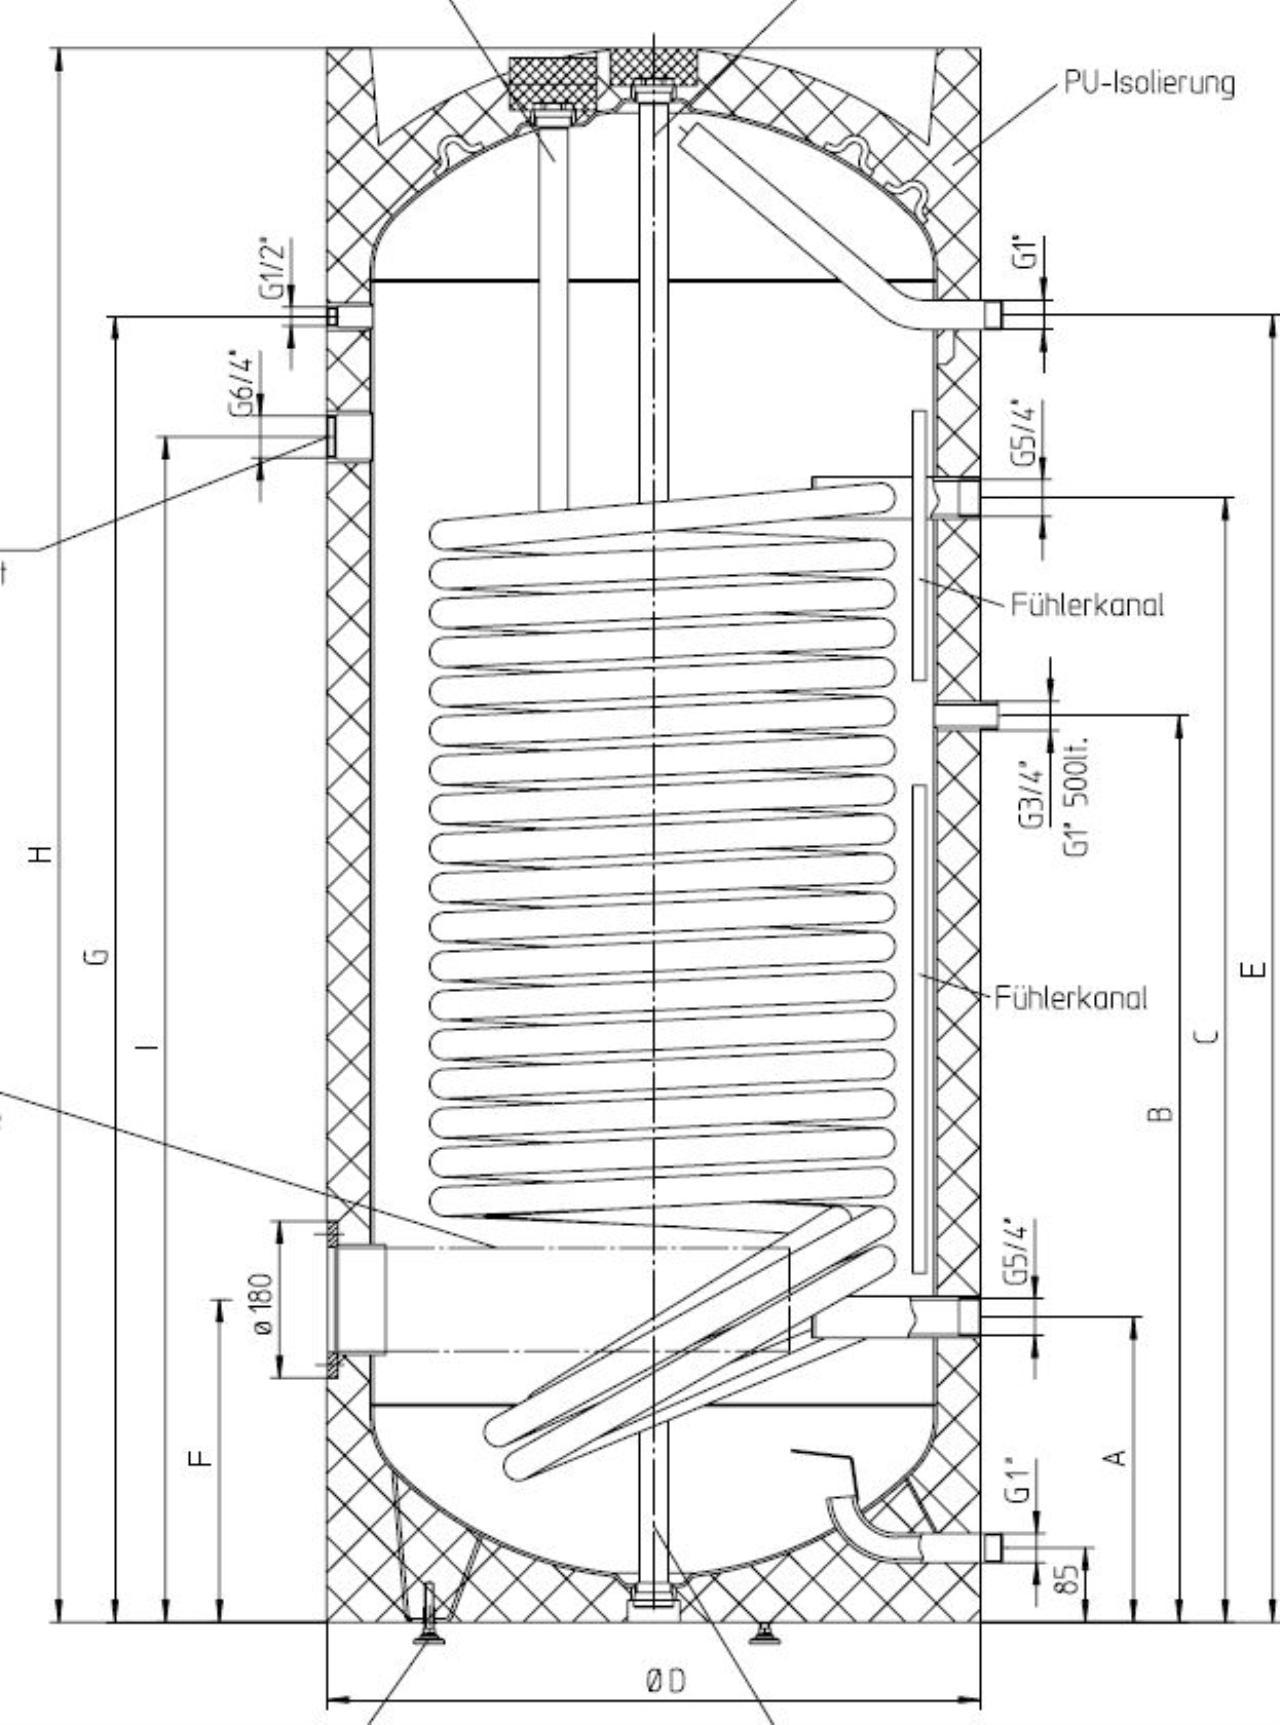 Speichergröße für Heizkörper - Seite 2 | Energieforum auf ...